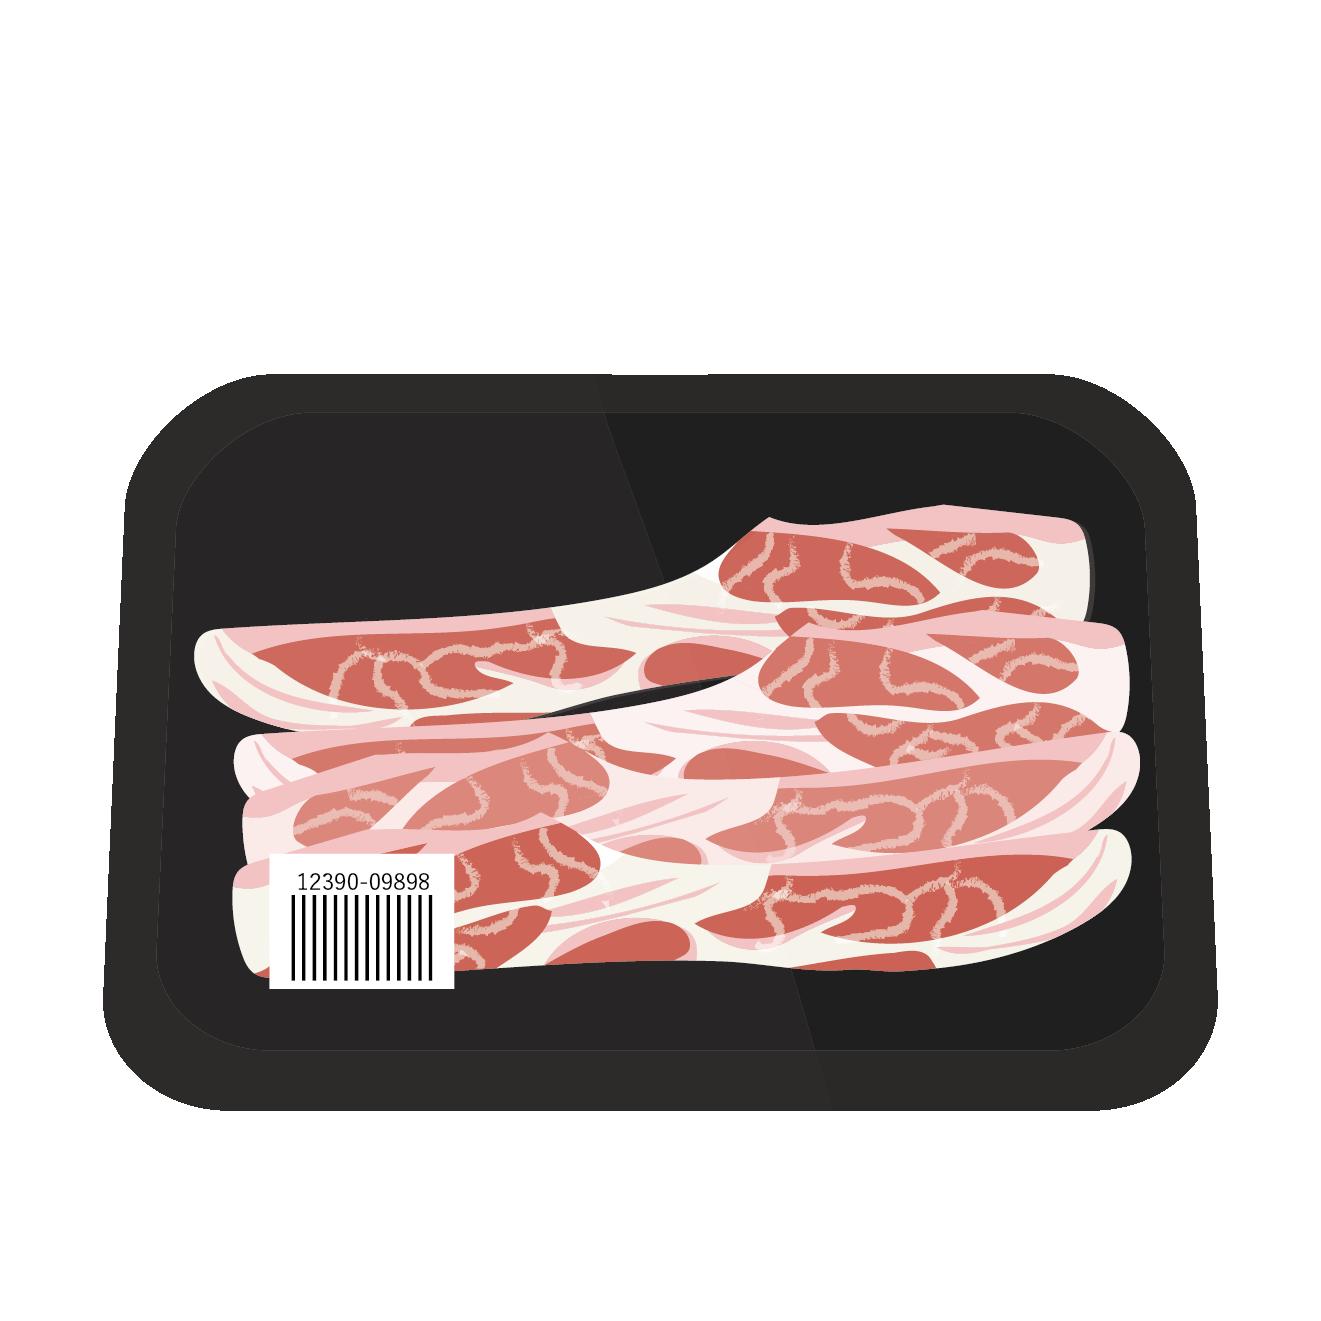 豚肉!パック入り 美味しそうな豚肉の薄切りイラスト【お肉】